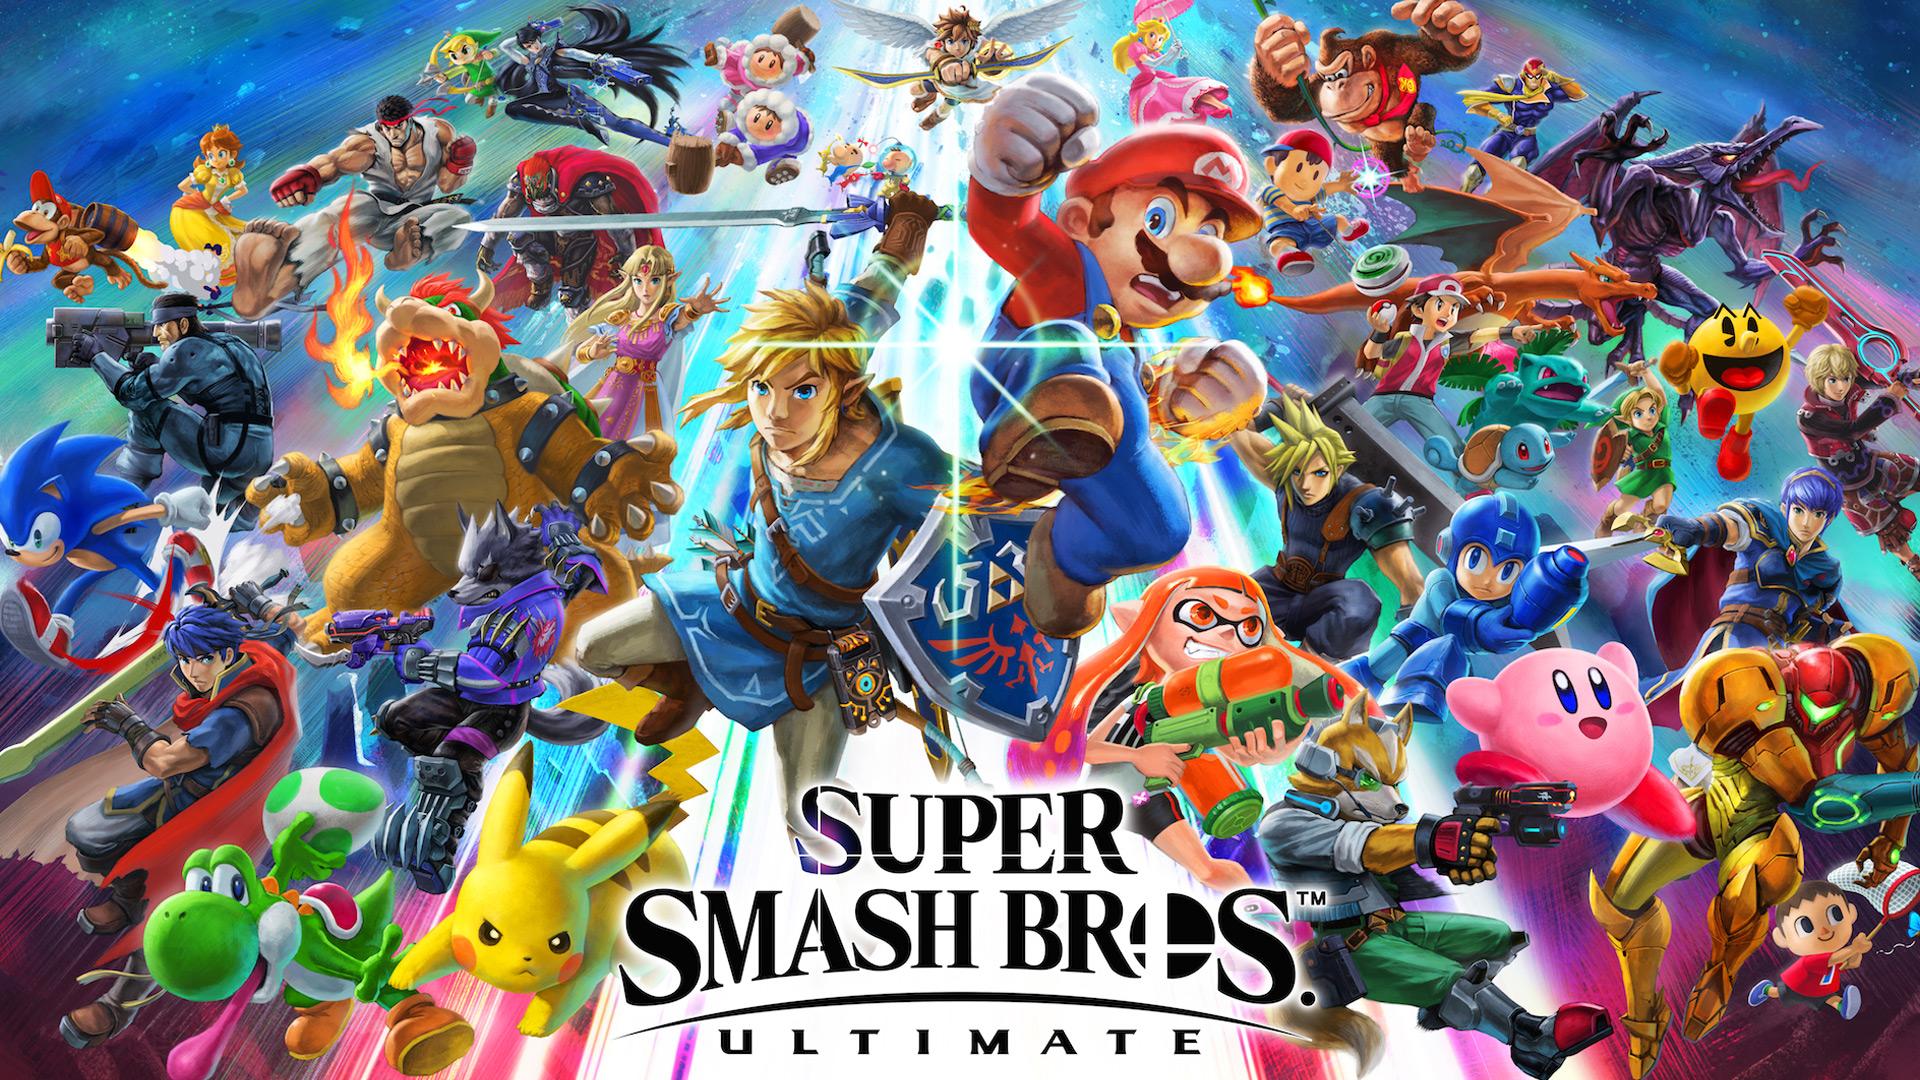 E3 2018: Nintendo Shows Smash Bros. Ultimate, Fortnite, Pokémon Switch